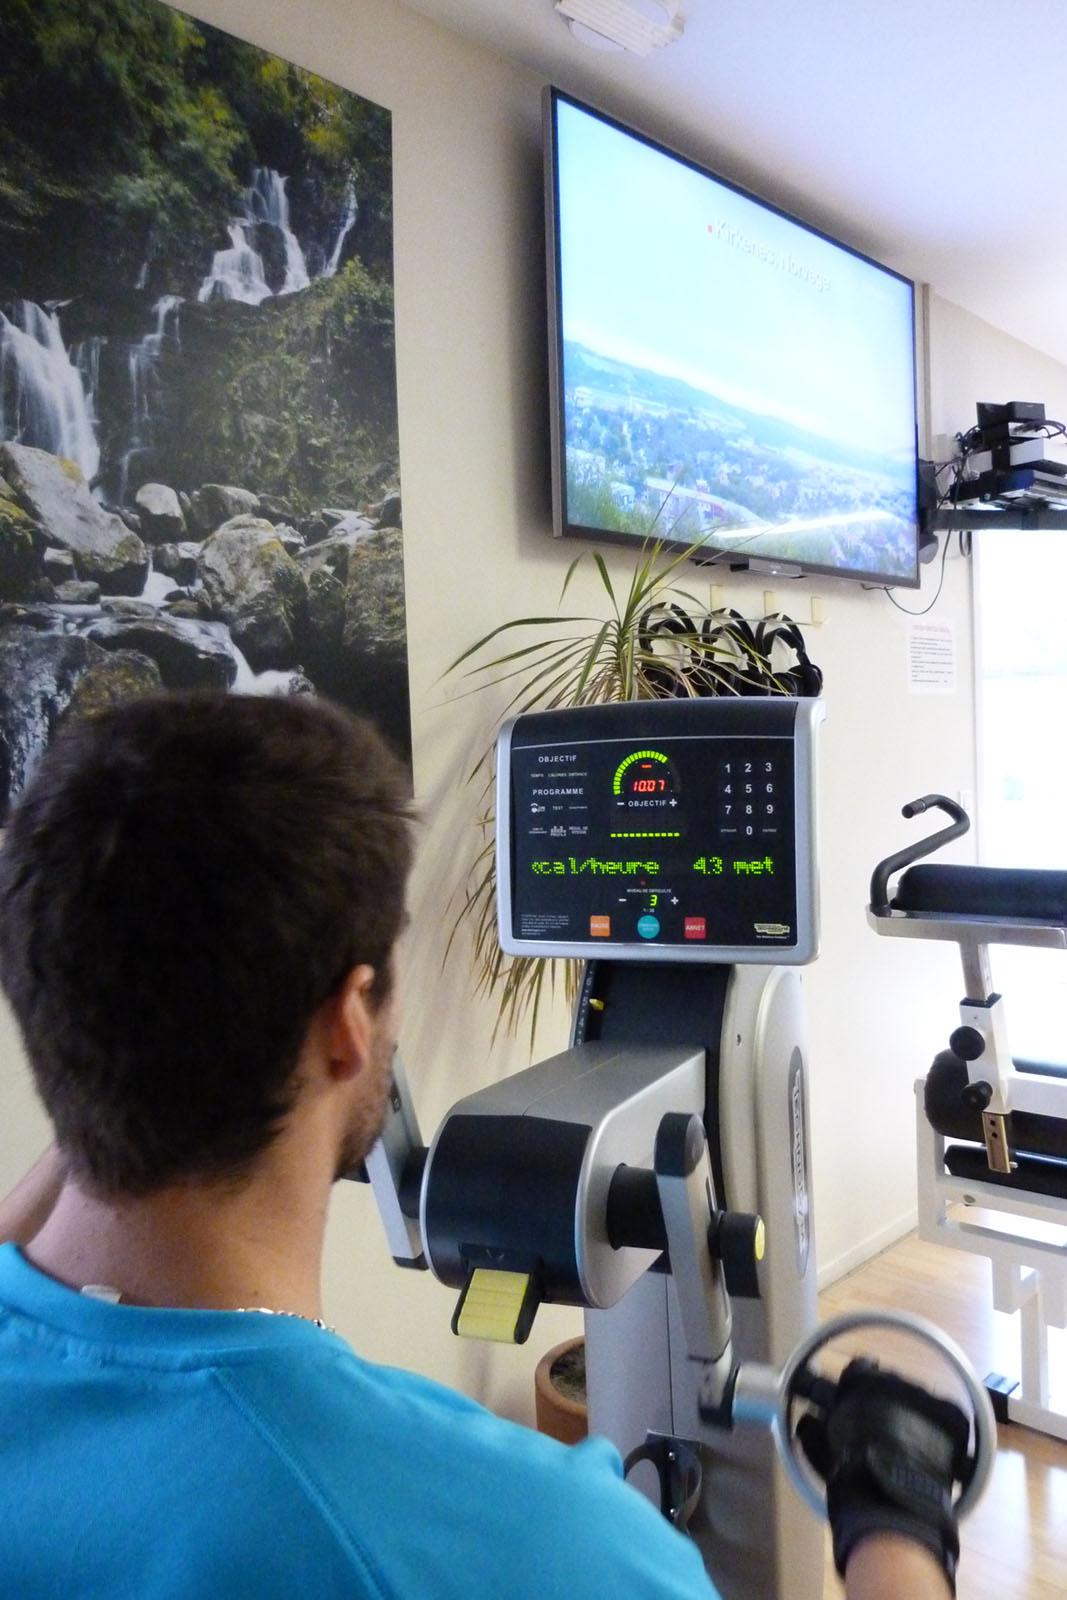 Salle de sport Bergerac Vélo à bras Excite Top Technogym 3